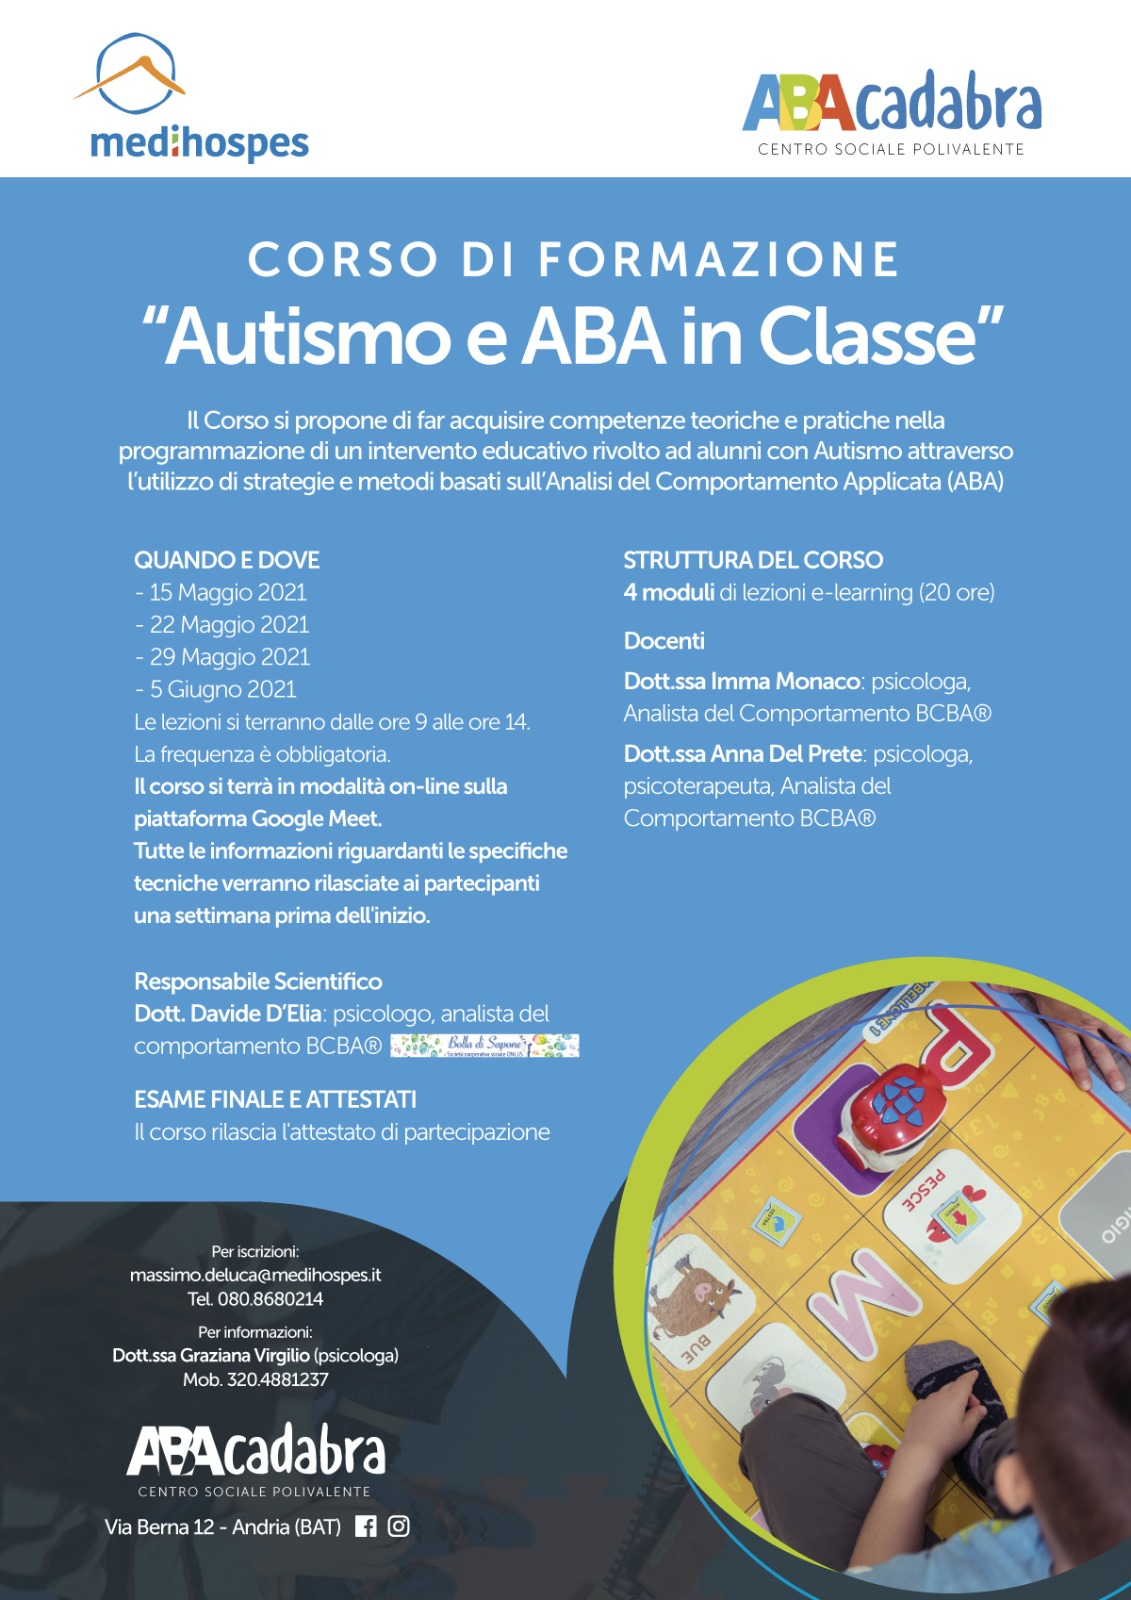 Autismo e ABA in Classe